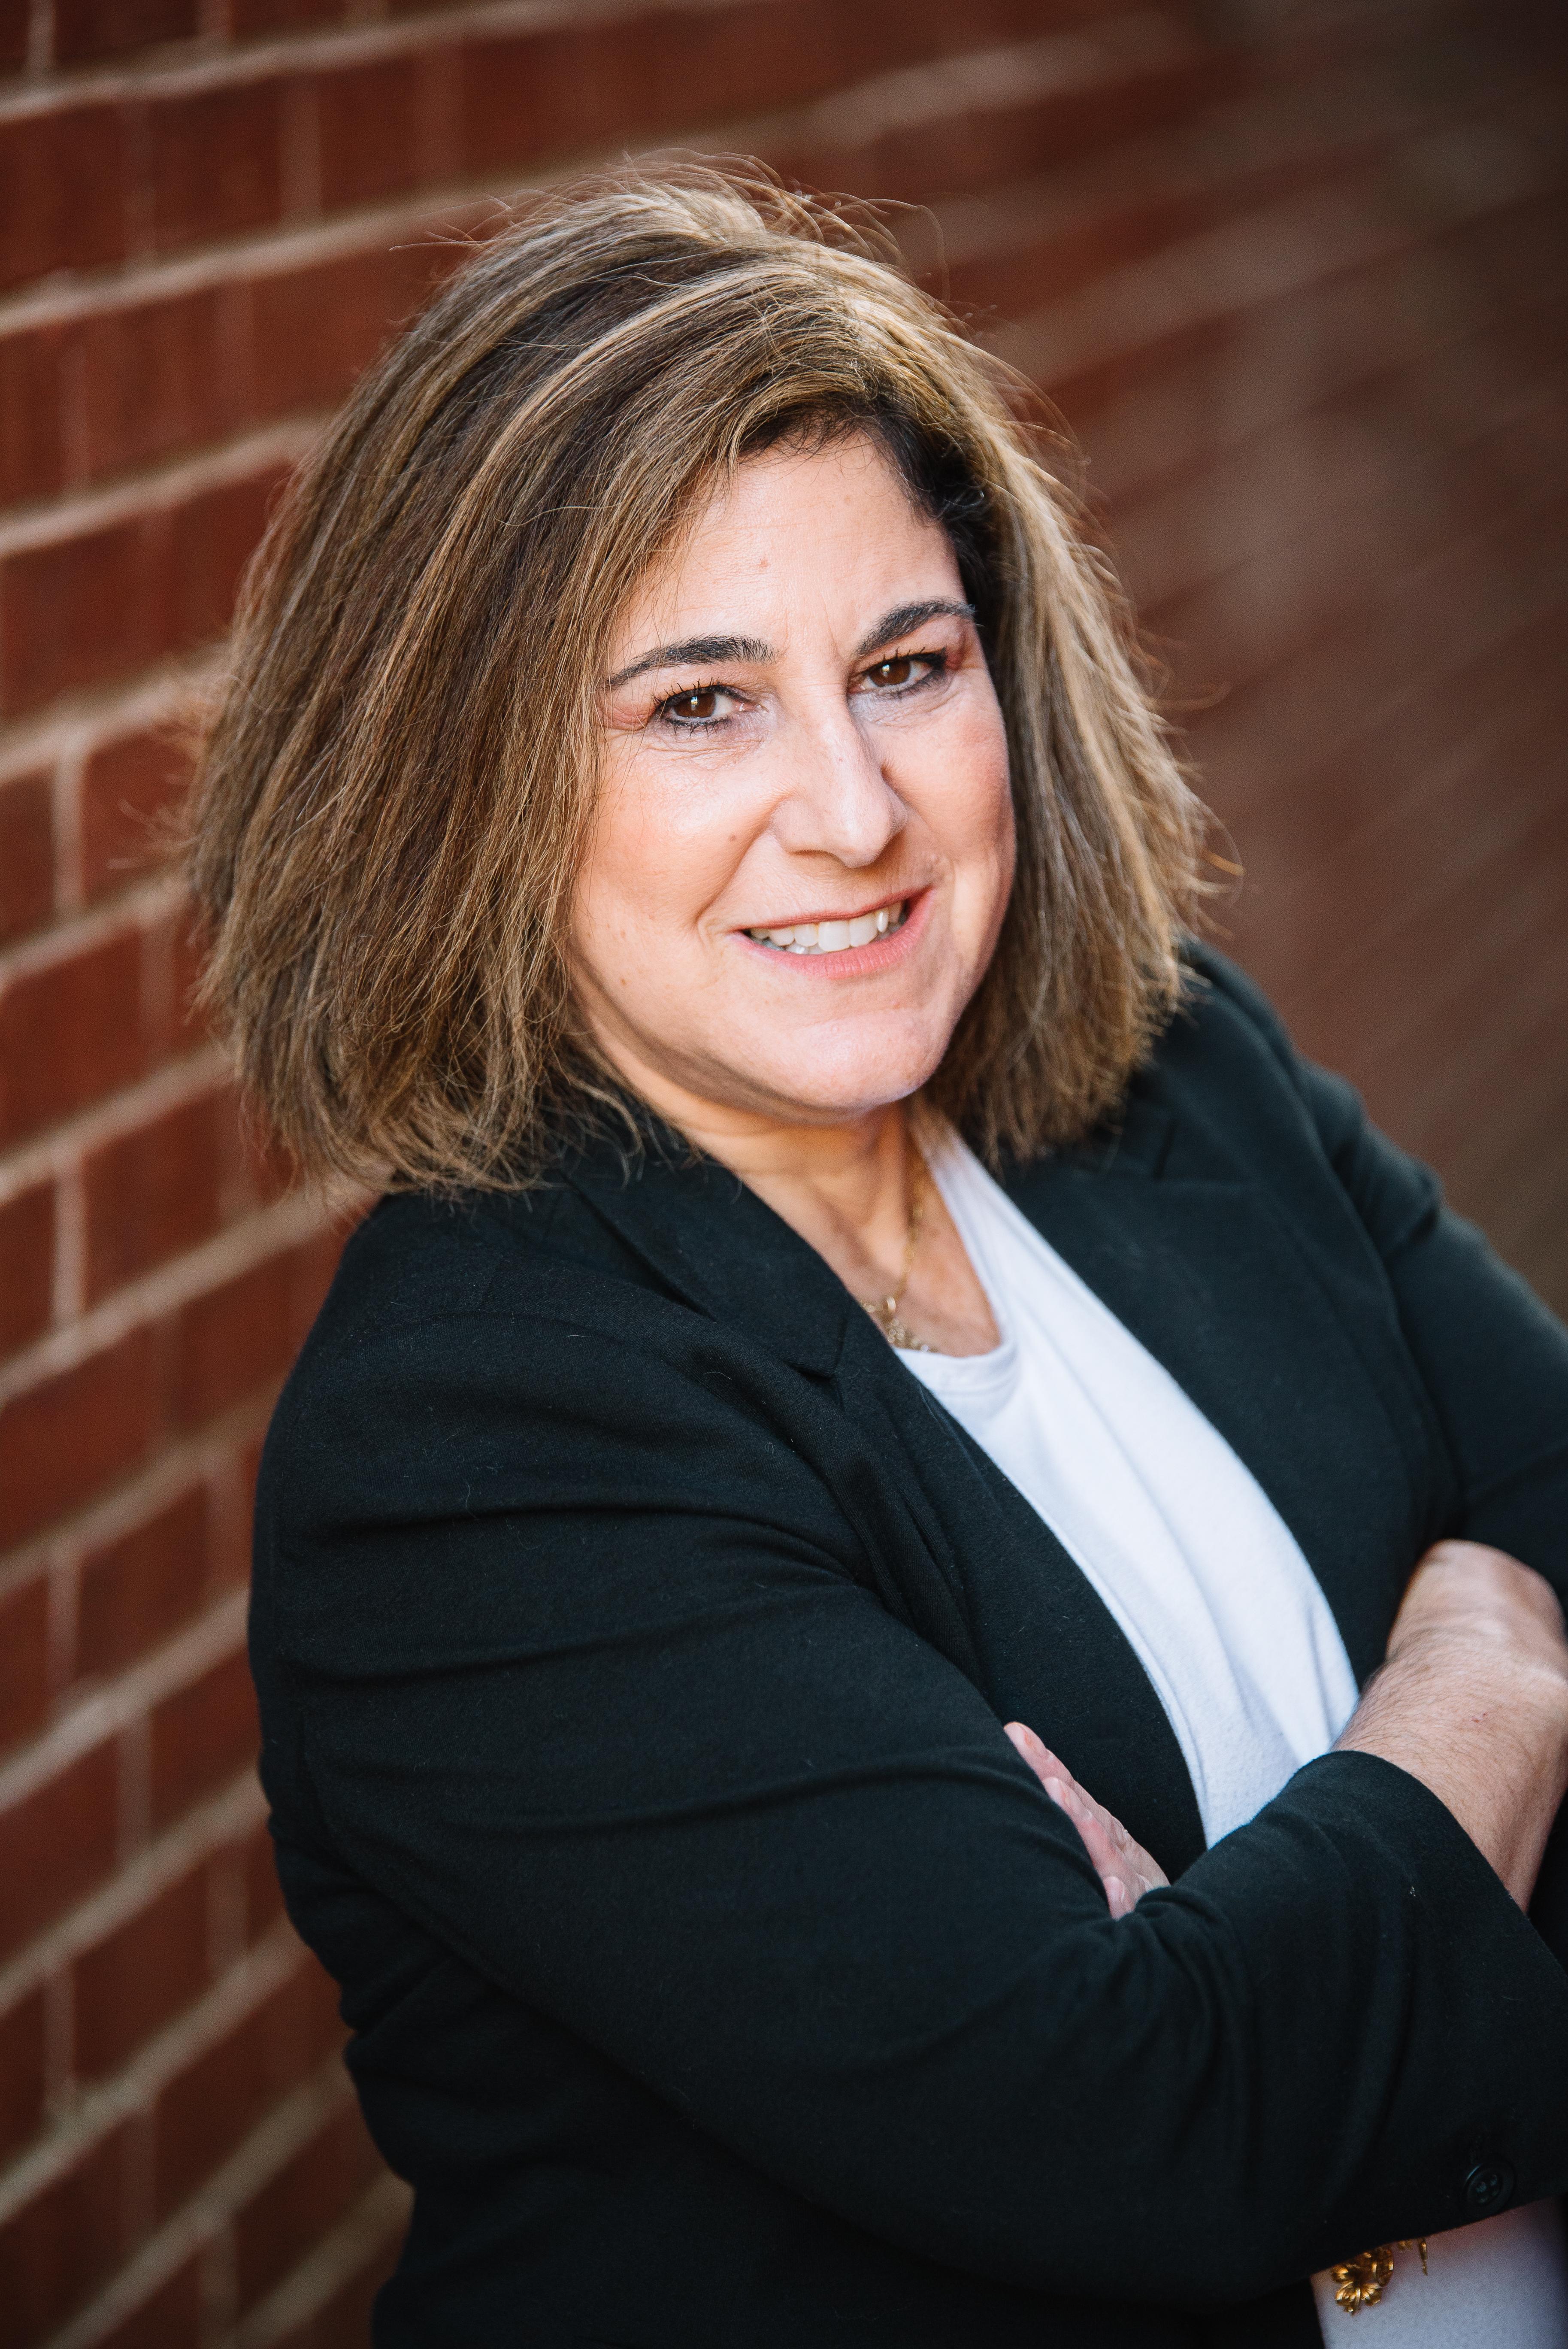 Dr. Amie Weinberg